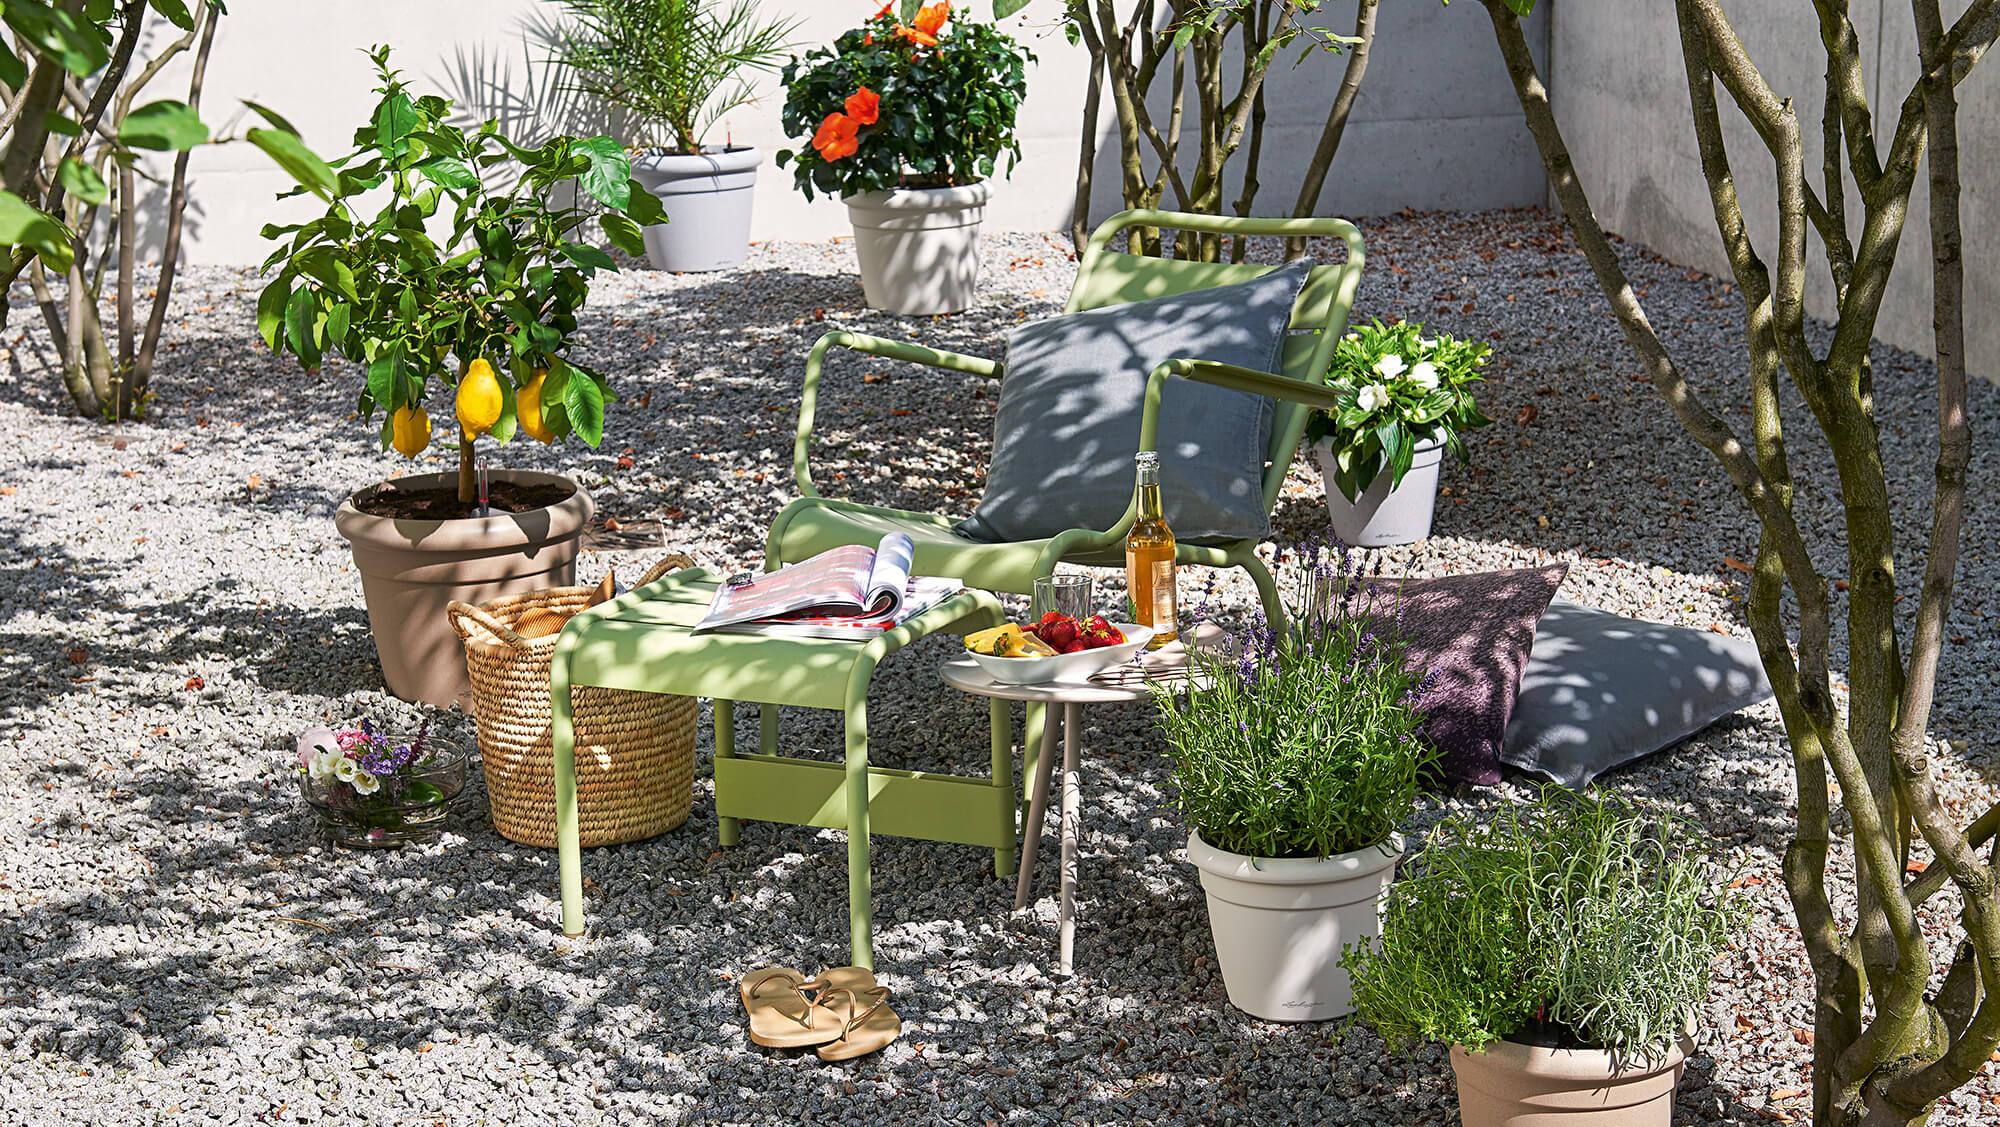 le_tw-urban-gardening_rustico35_6tlg_sandb.png